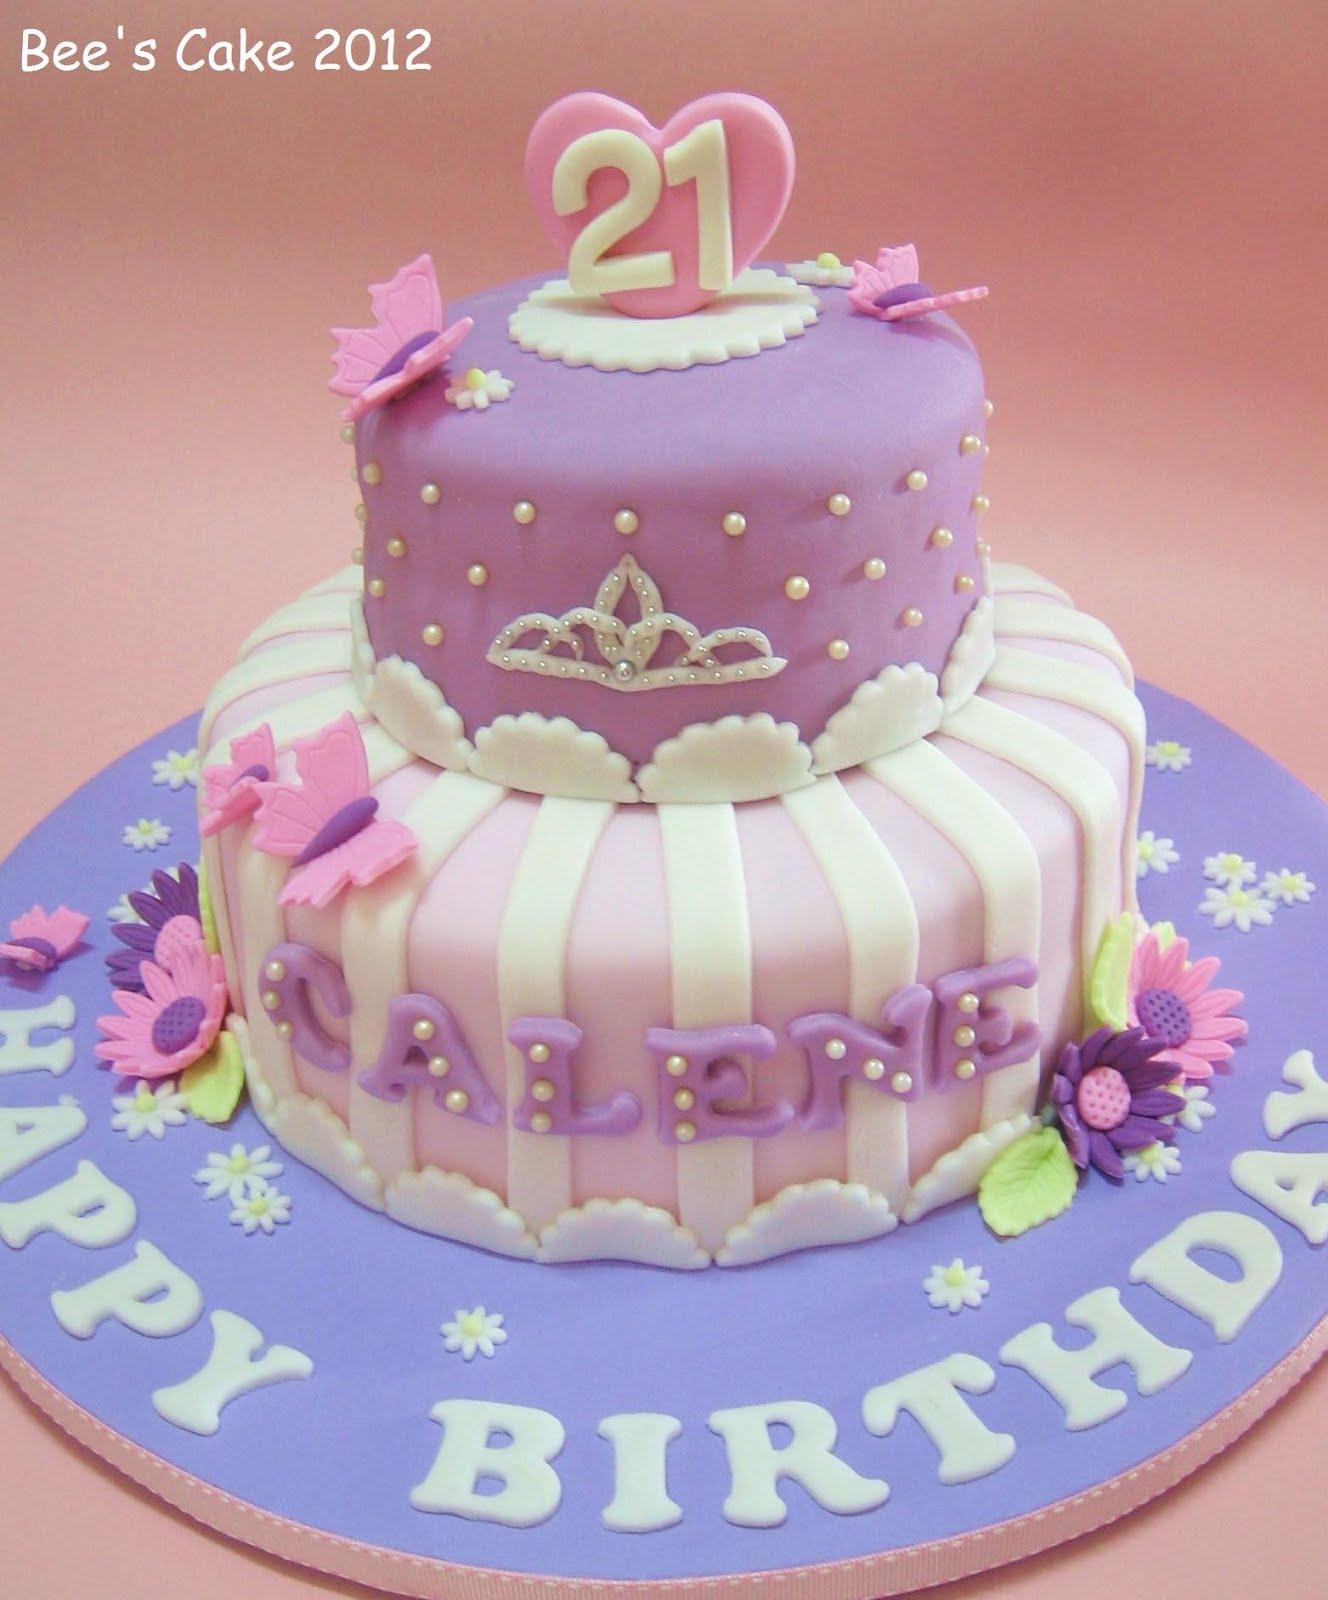 Princess Fondant Cake Design : Bee s Cake: Princess Calene s 21st